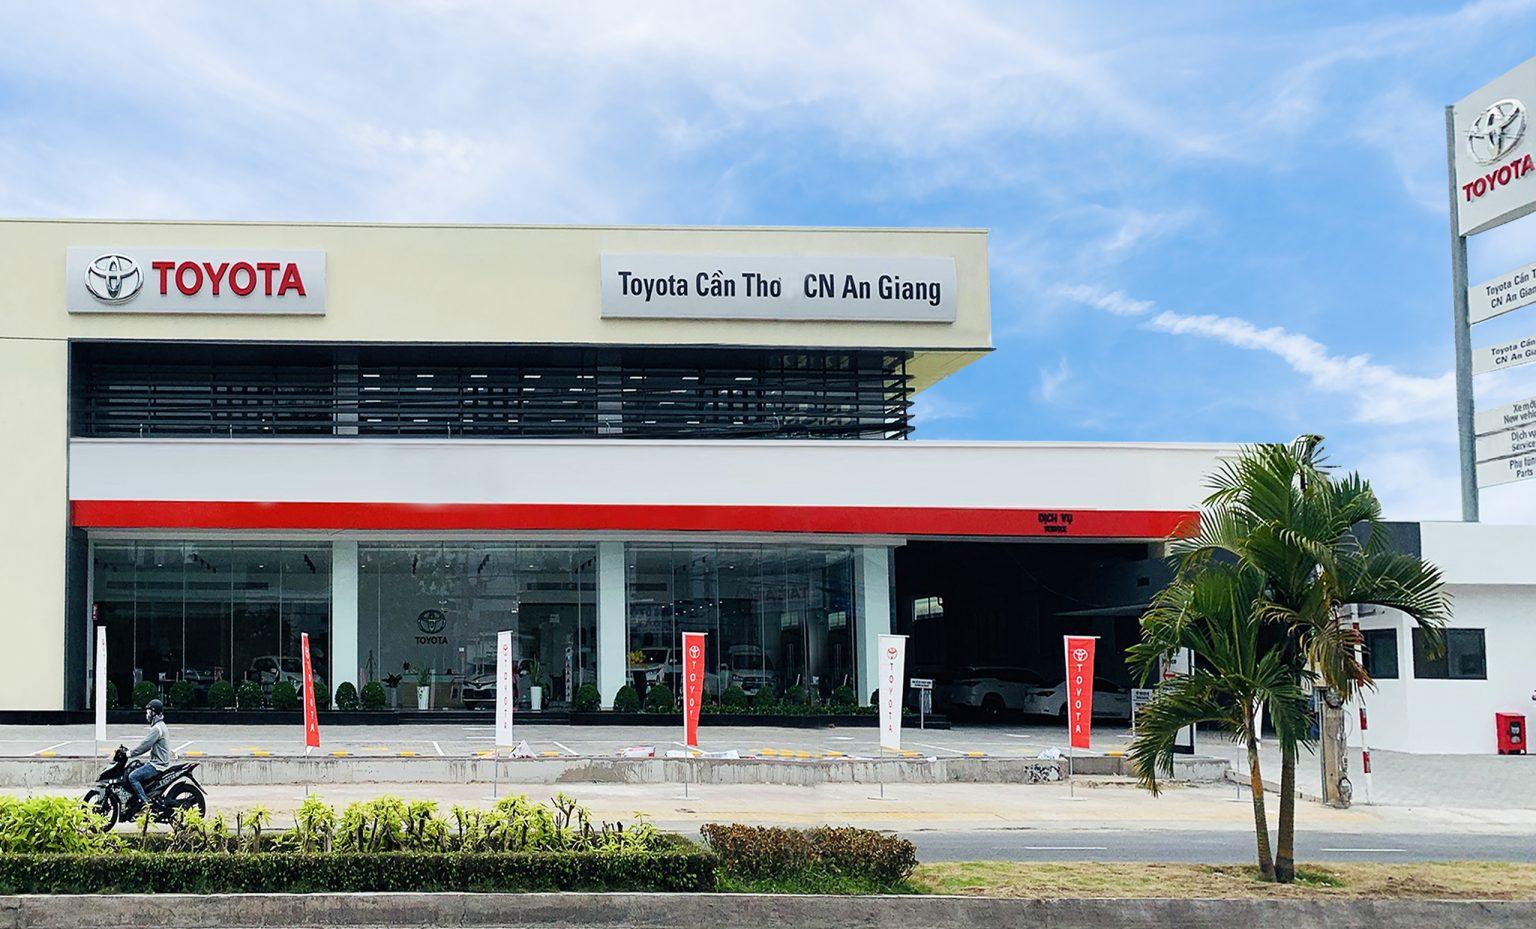 z - Giới thiệu đại lý Toyota An Giang, Toyota Cần Thơ CN An Giang